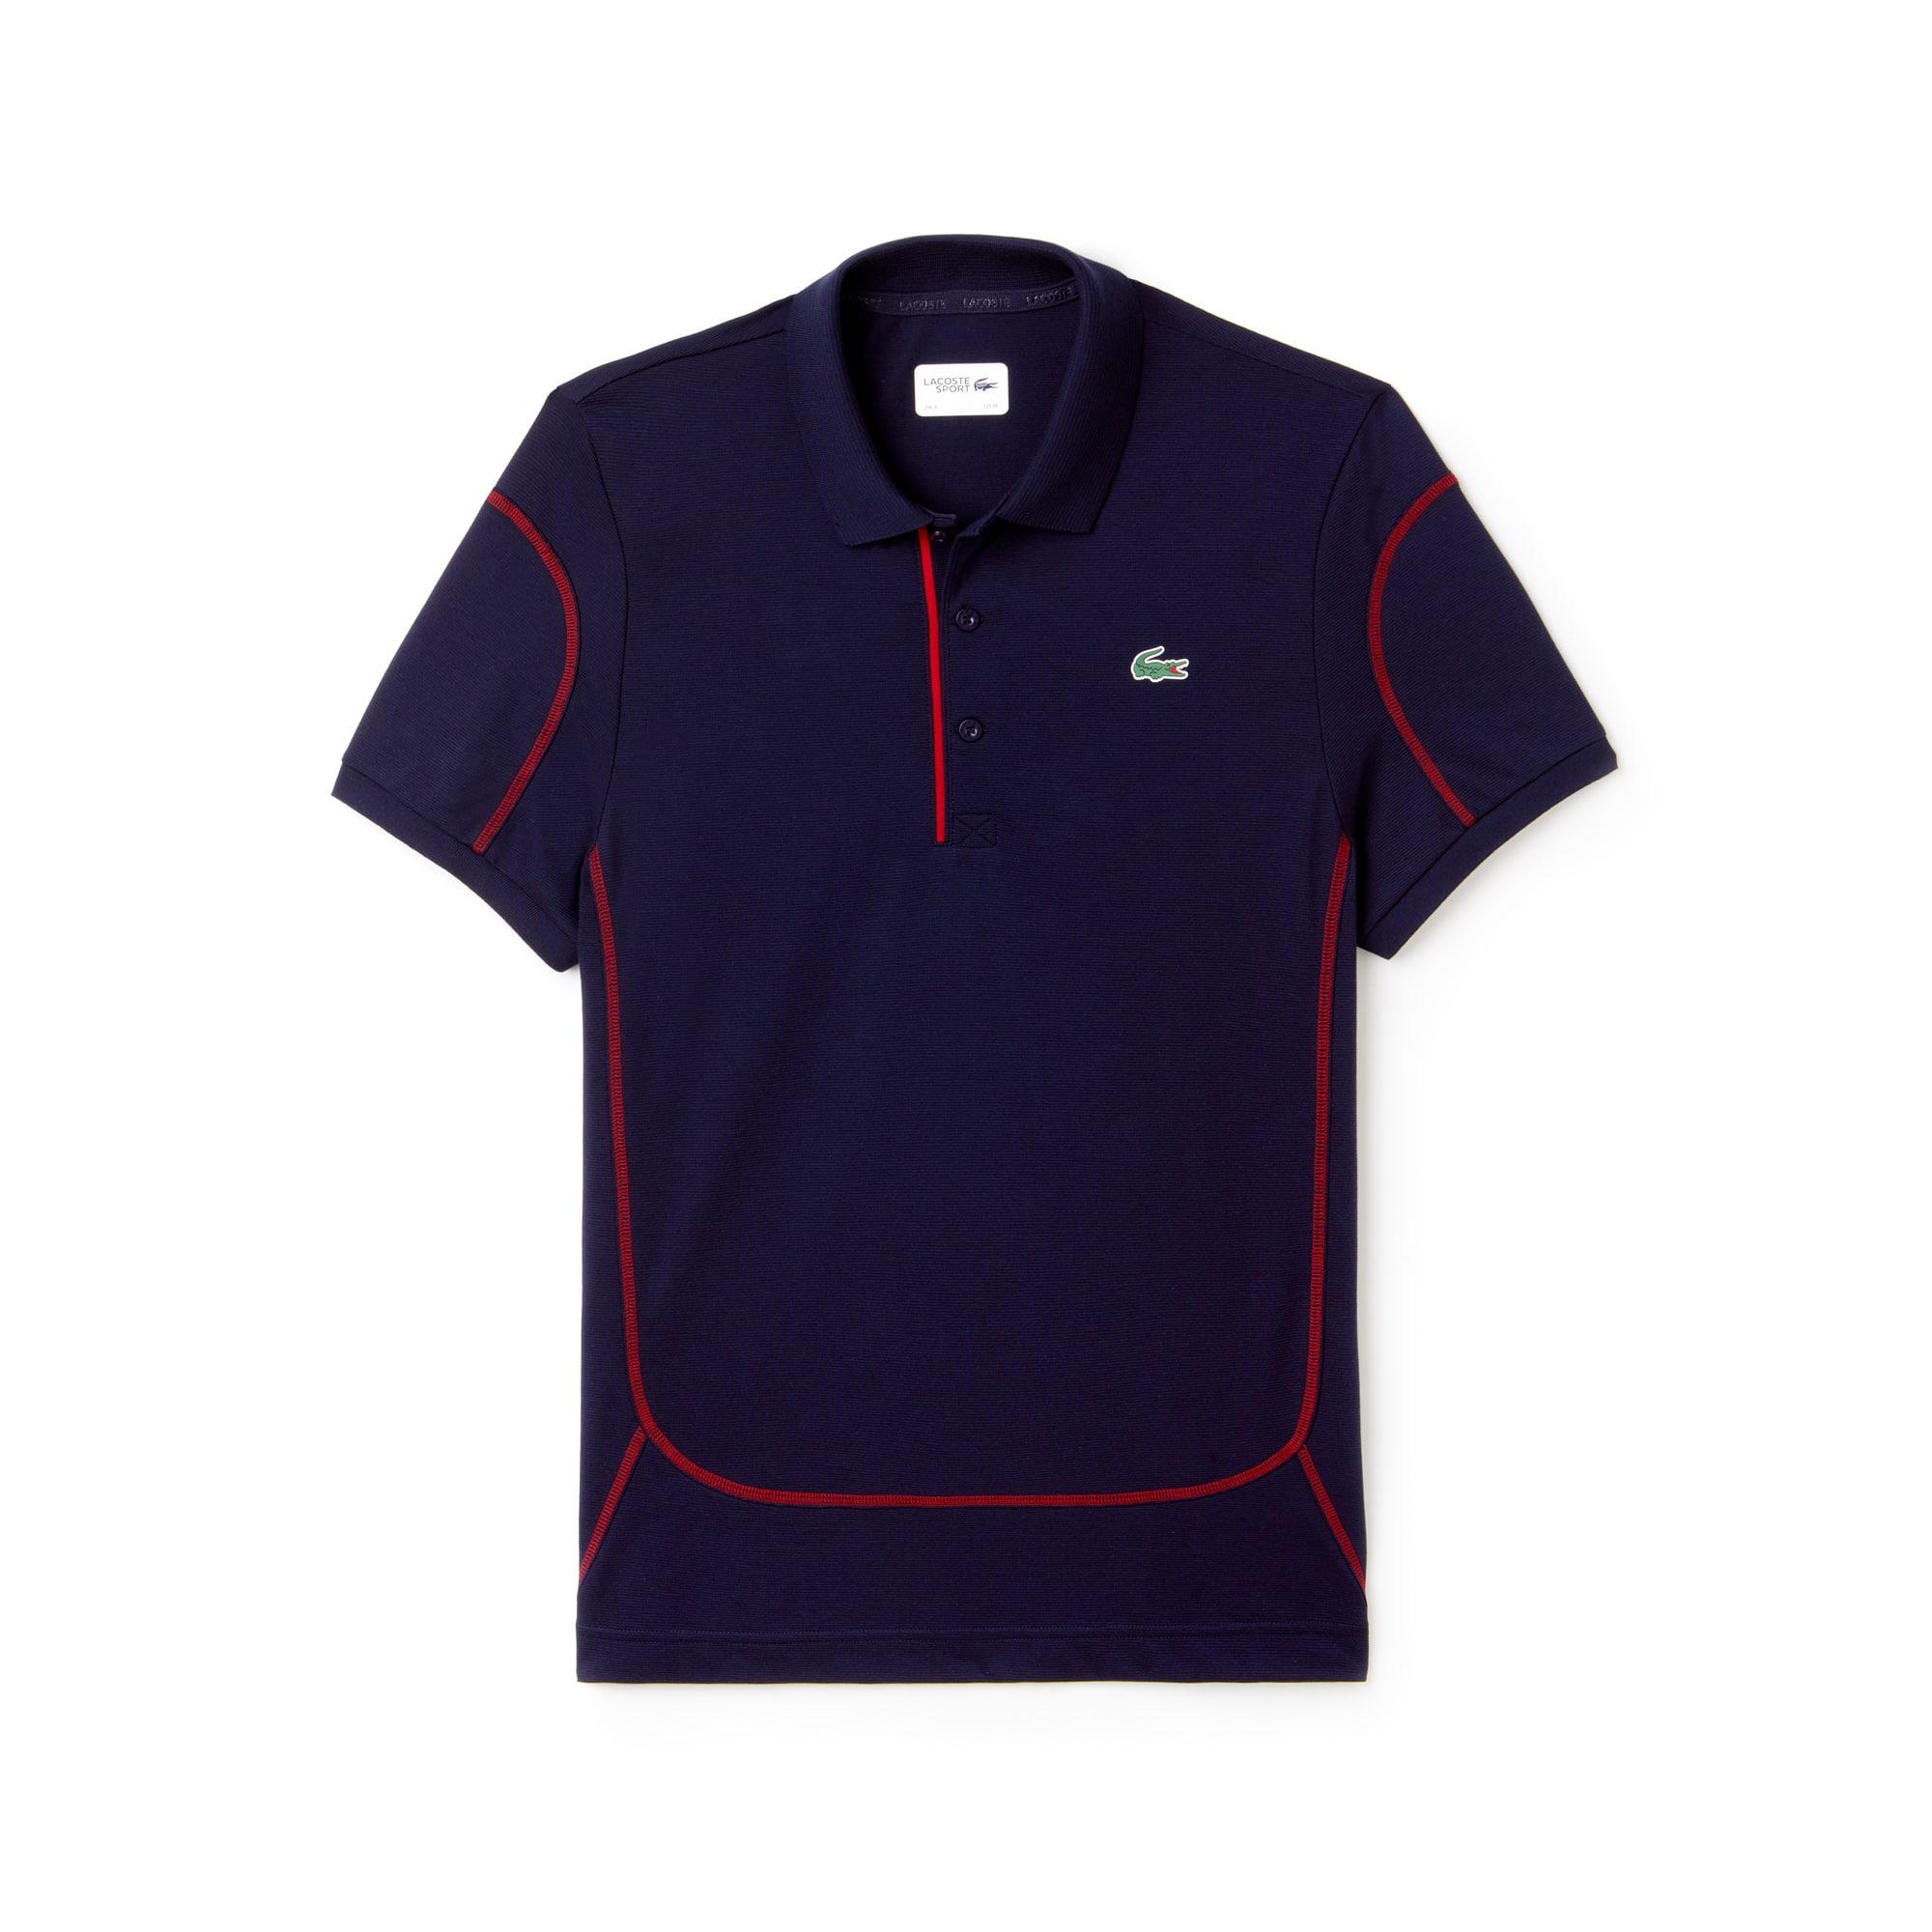 라코스테 Lacoste Mens SPORT Contrast Stitching Light Cotton Tennis Polo,navy blue/lighthouse red